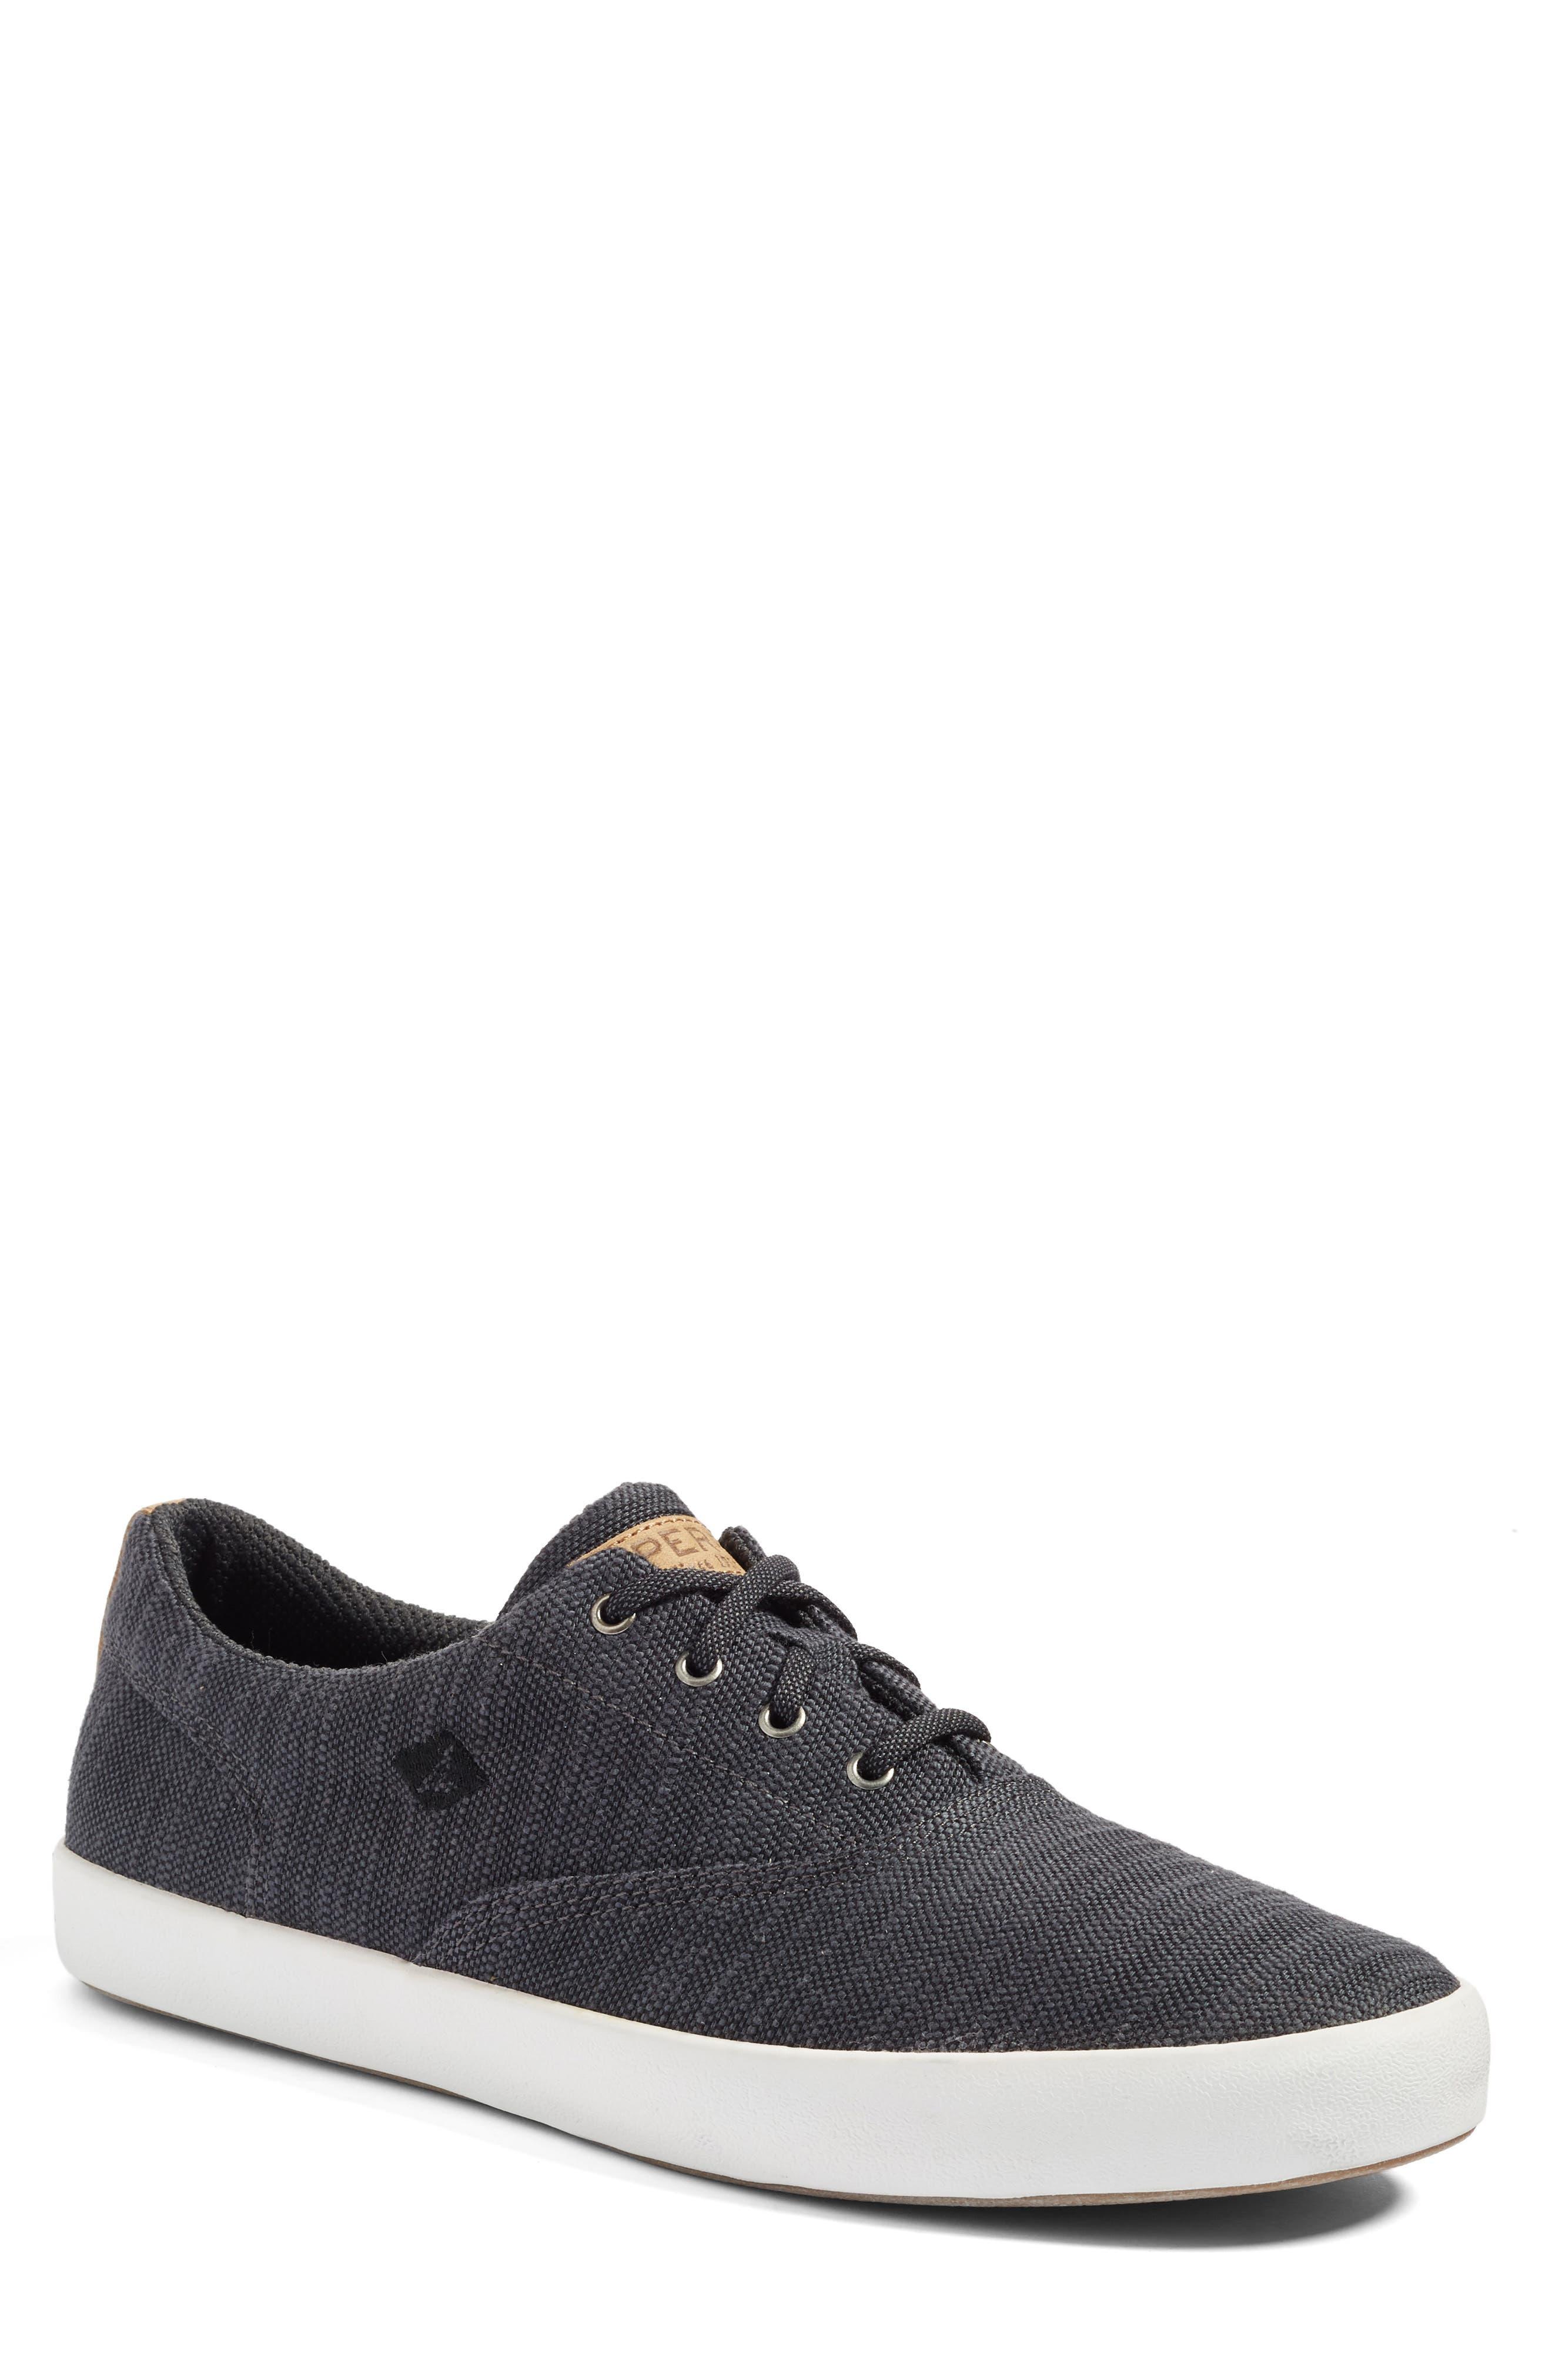 SPERRY Wahoo CVO Baja Sneaker, Main, color, 020